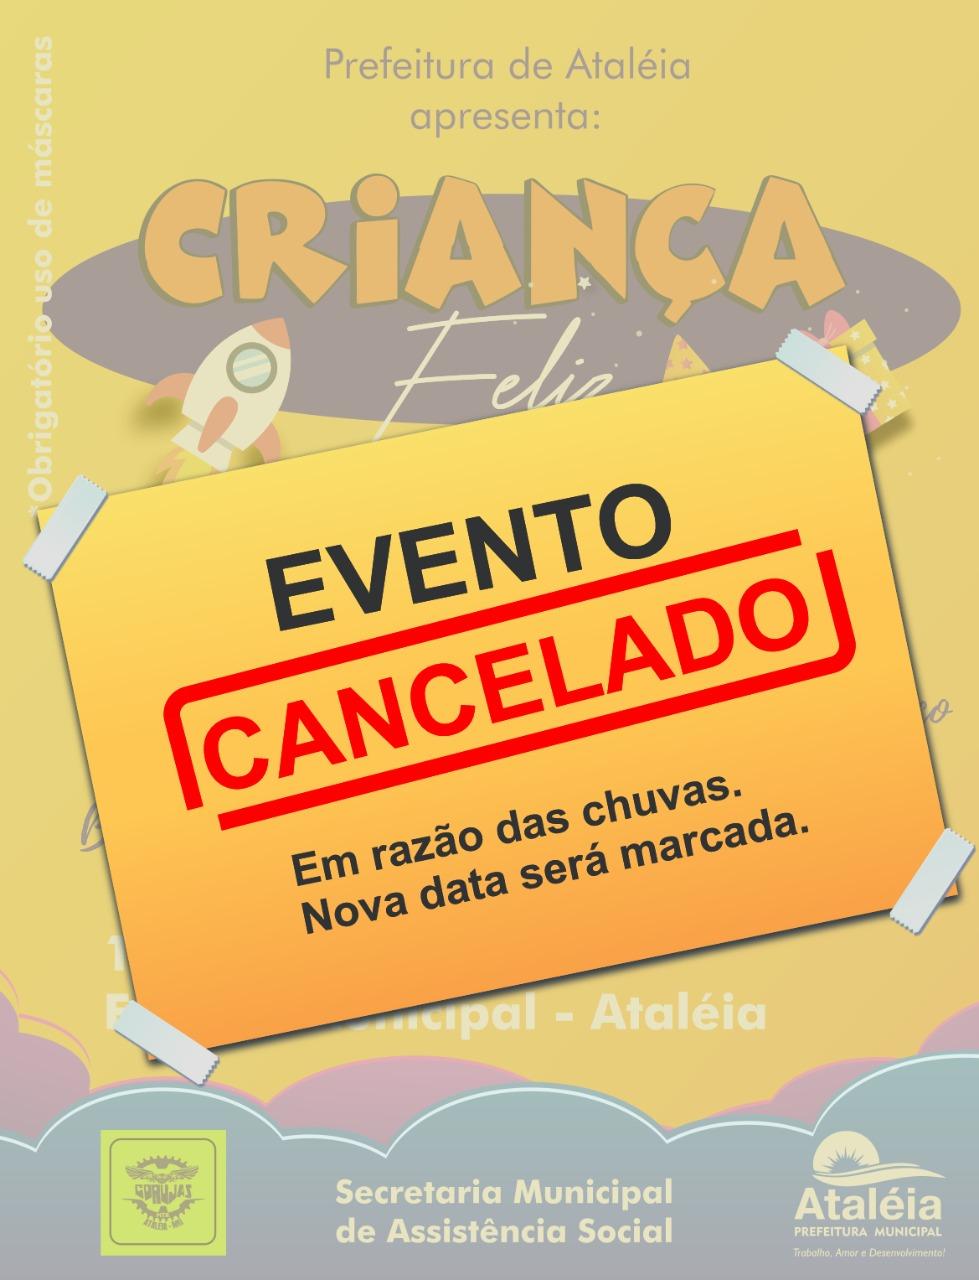 """PROGRAMAÇÃO DO """"CRIANÇA FELIZ"""" ESTÁ CANCELADA"""